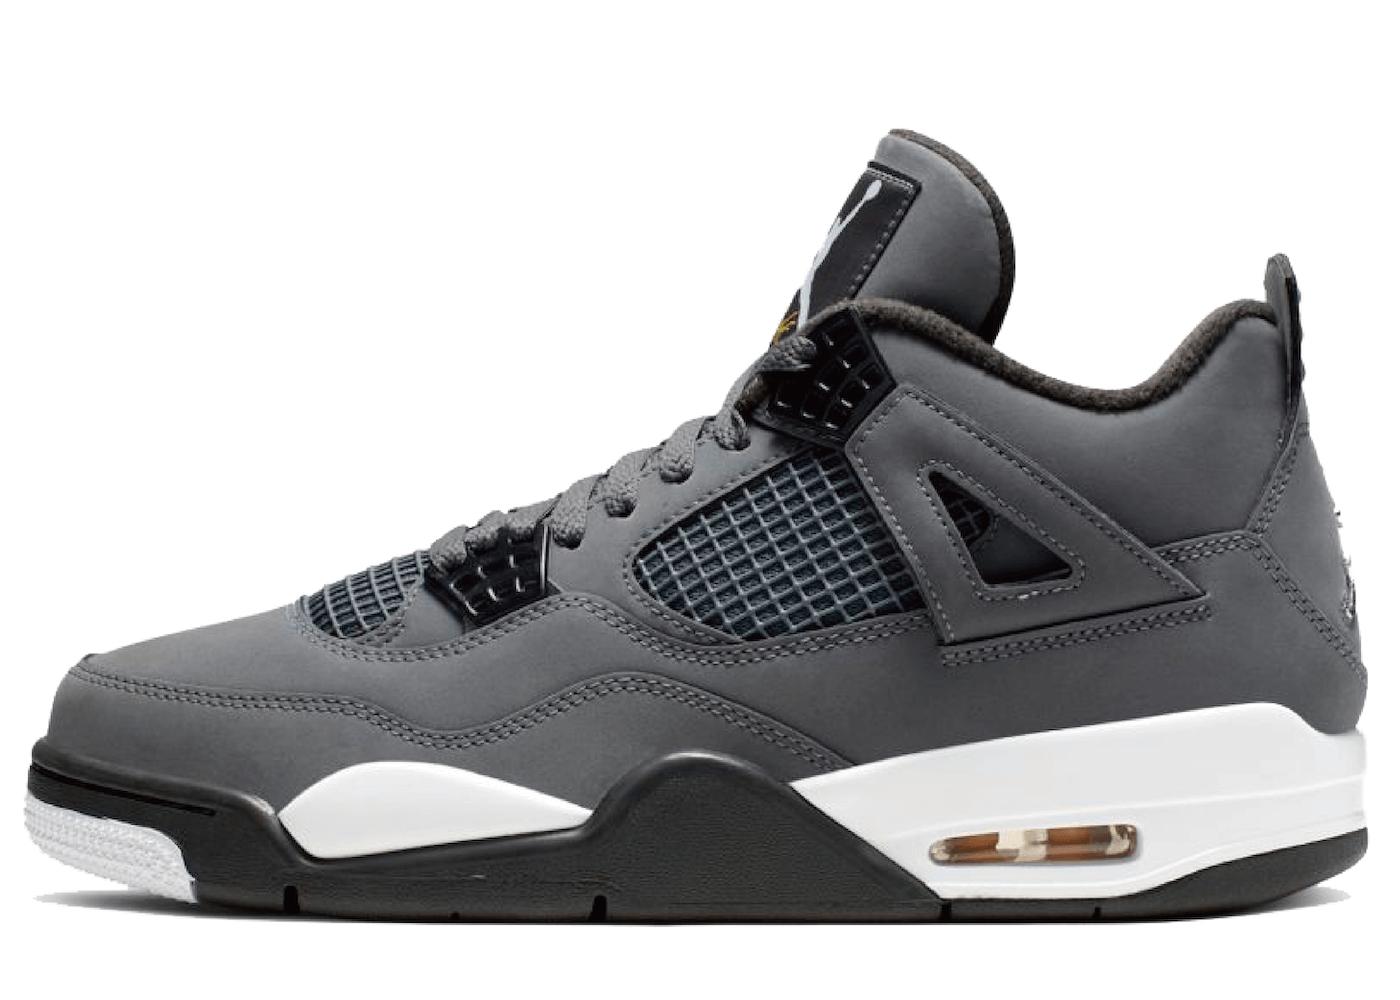 Nike Air Jordan 4 Retro Cool Grey (2019)の写真